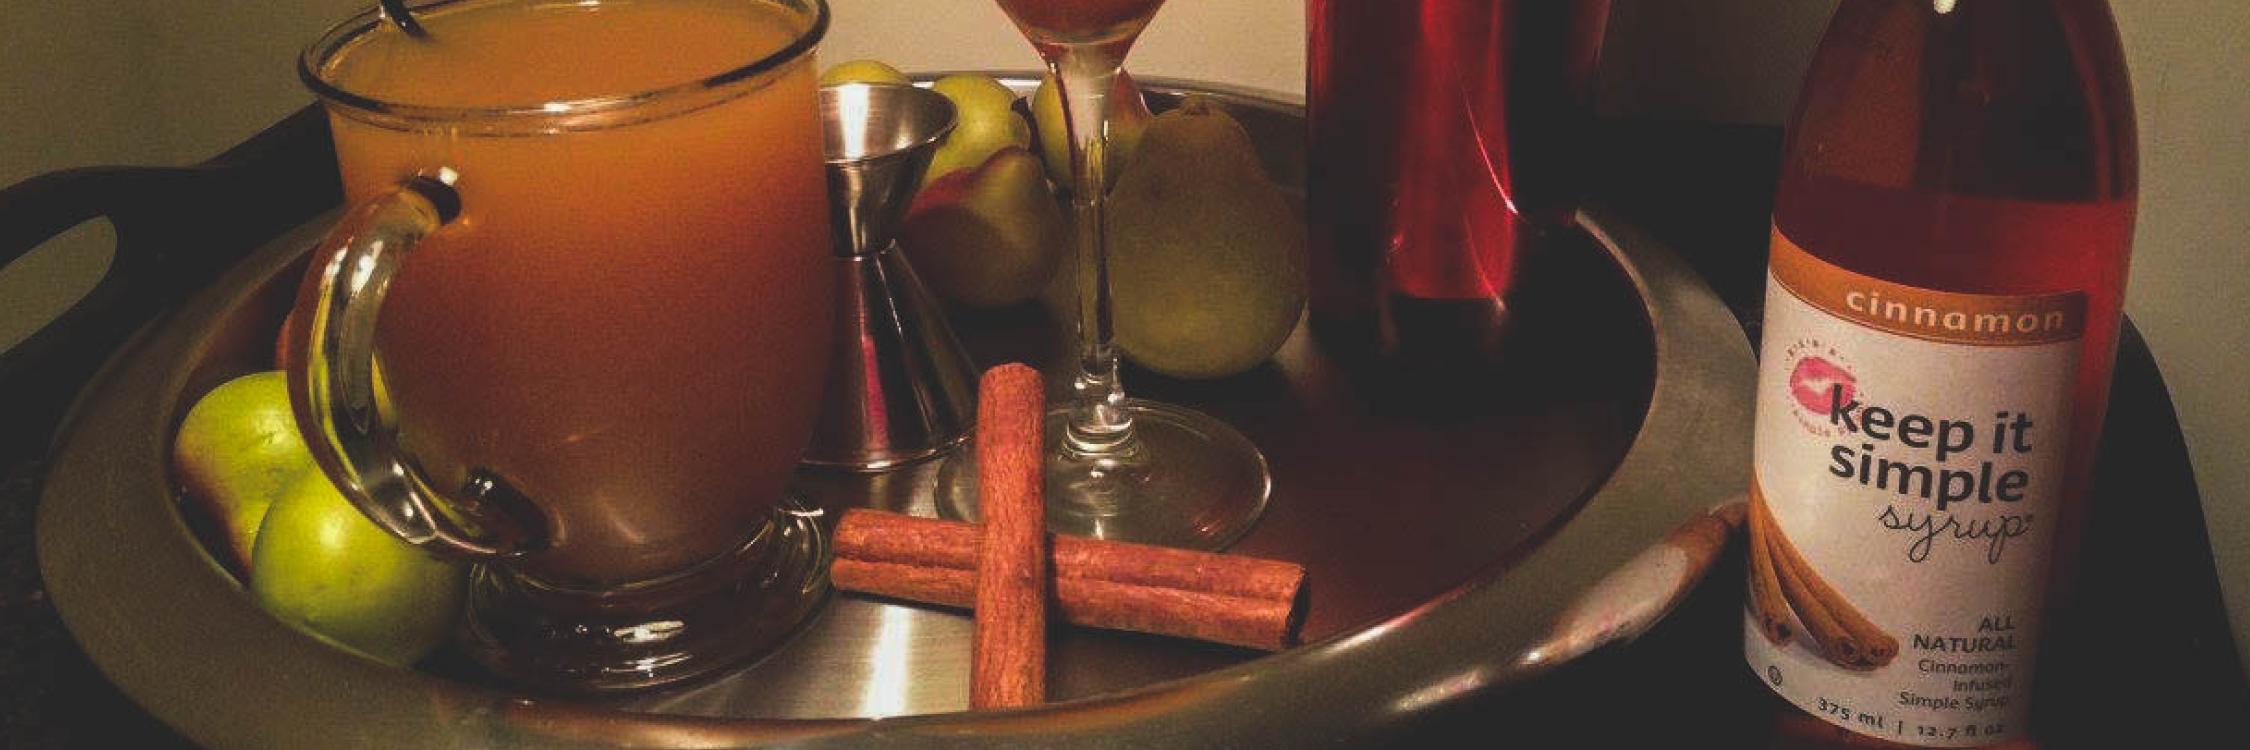 Image: Keep it Simple Syrup